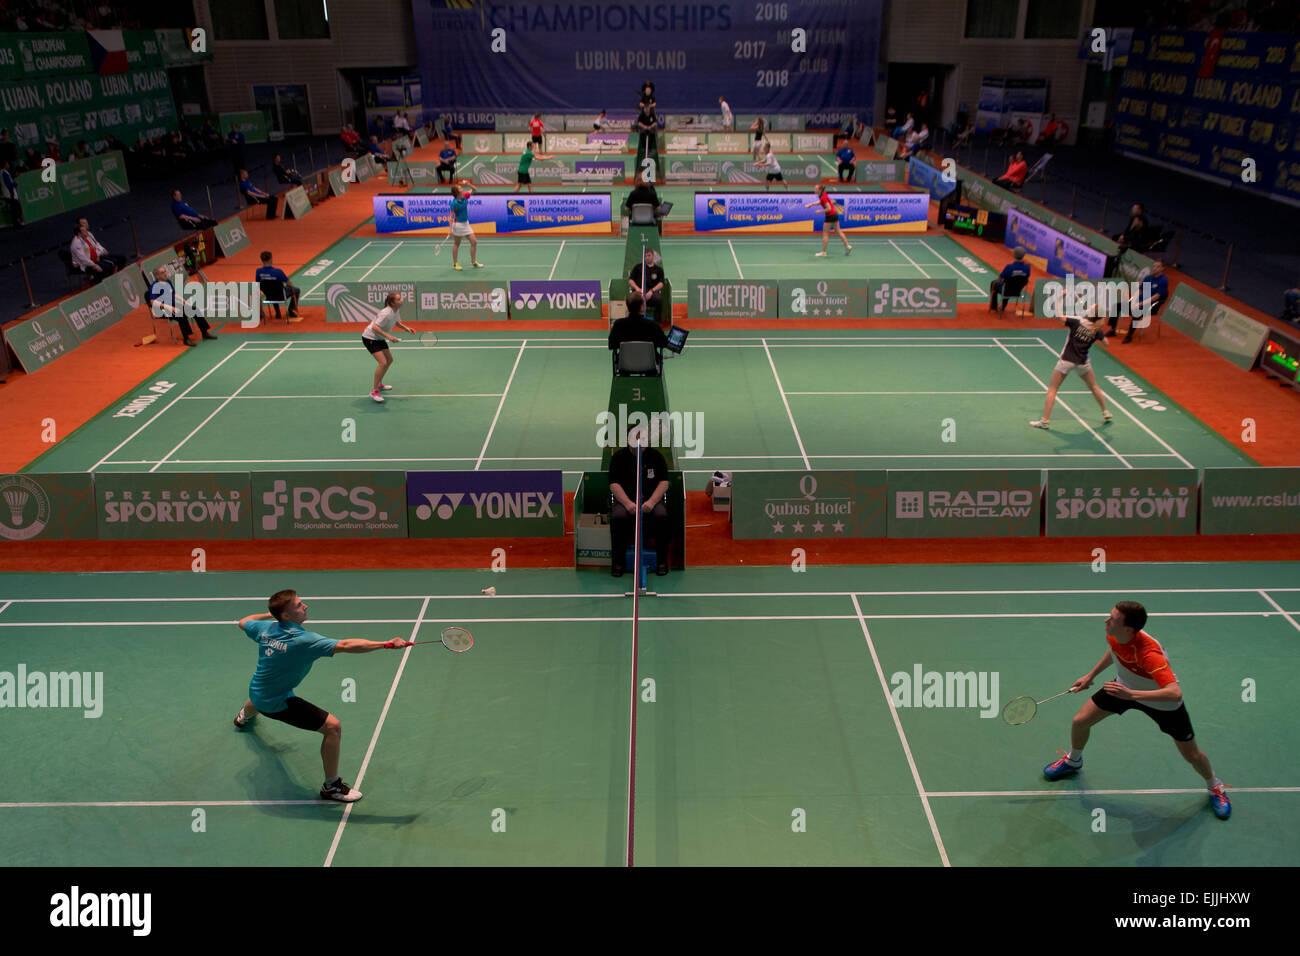 Lubin, Polonia. 27 Mar, 2015. Torneo de Equipos en badminton durante el Campeonato Junior Europeo 2015. Crédito: Imagen De Stock